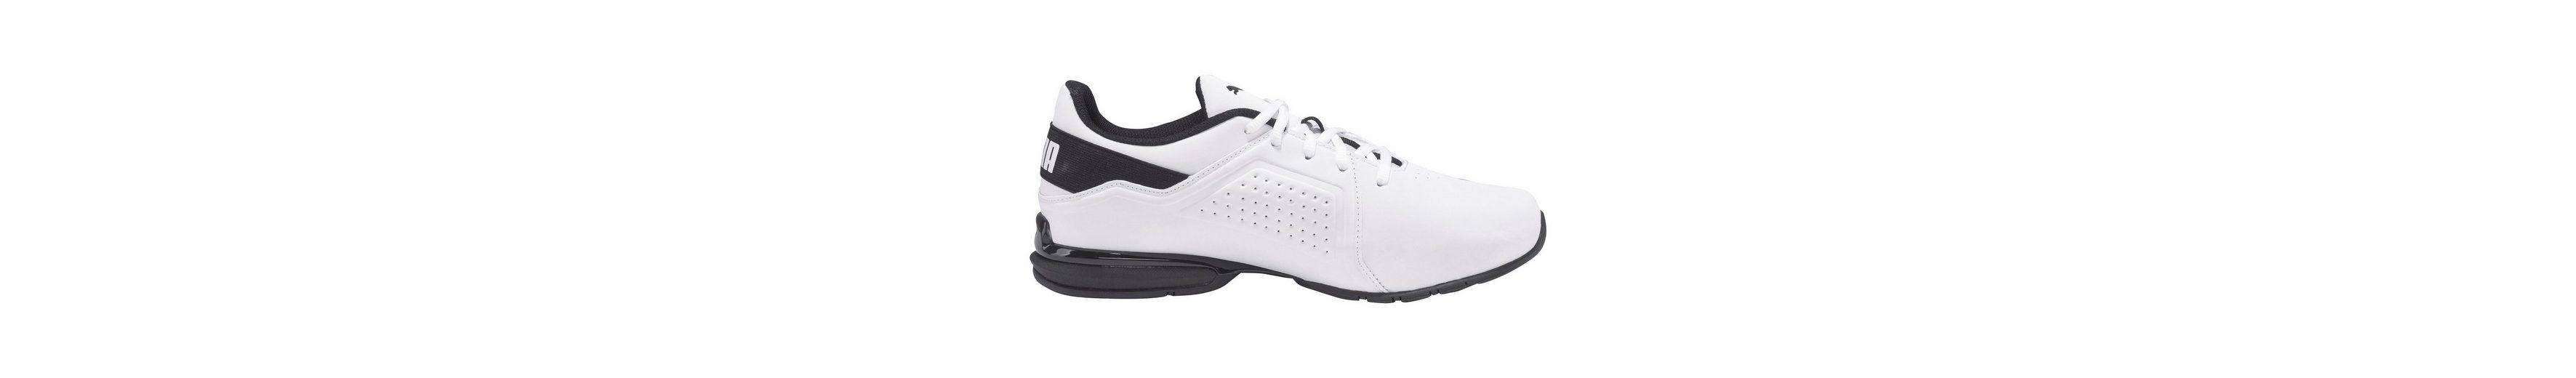 PUMA VIZ Runner Sneaker Wählen Sie Einen Besten Günstigen Preis kWFQ9it